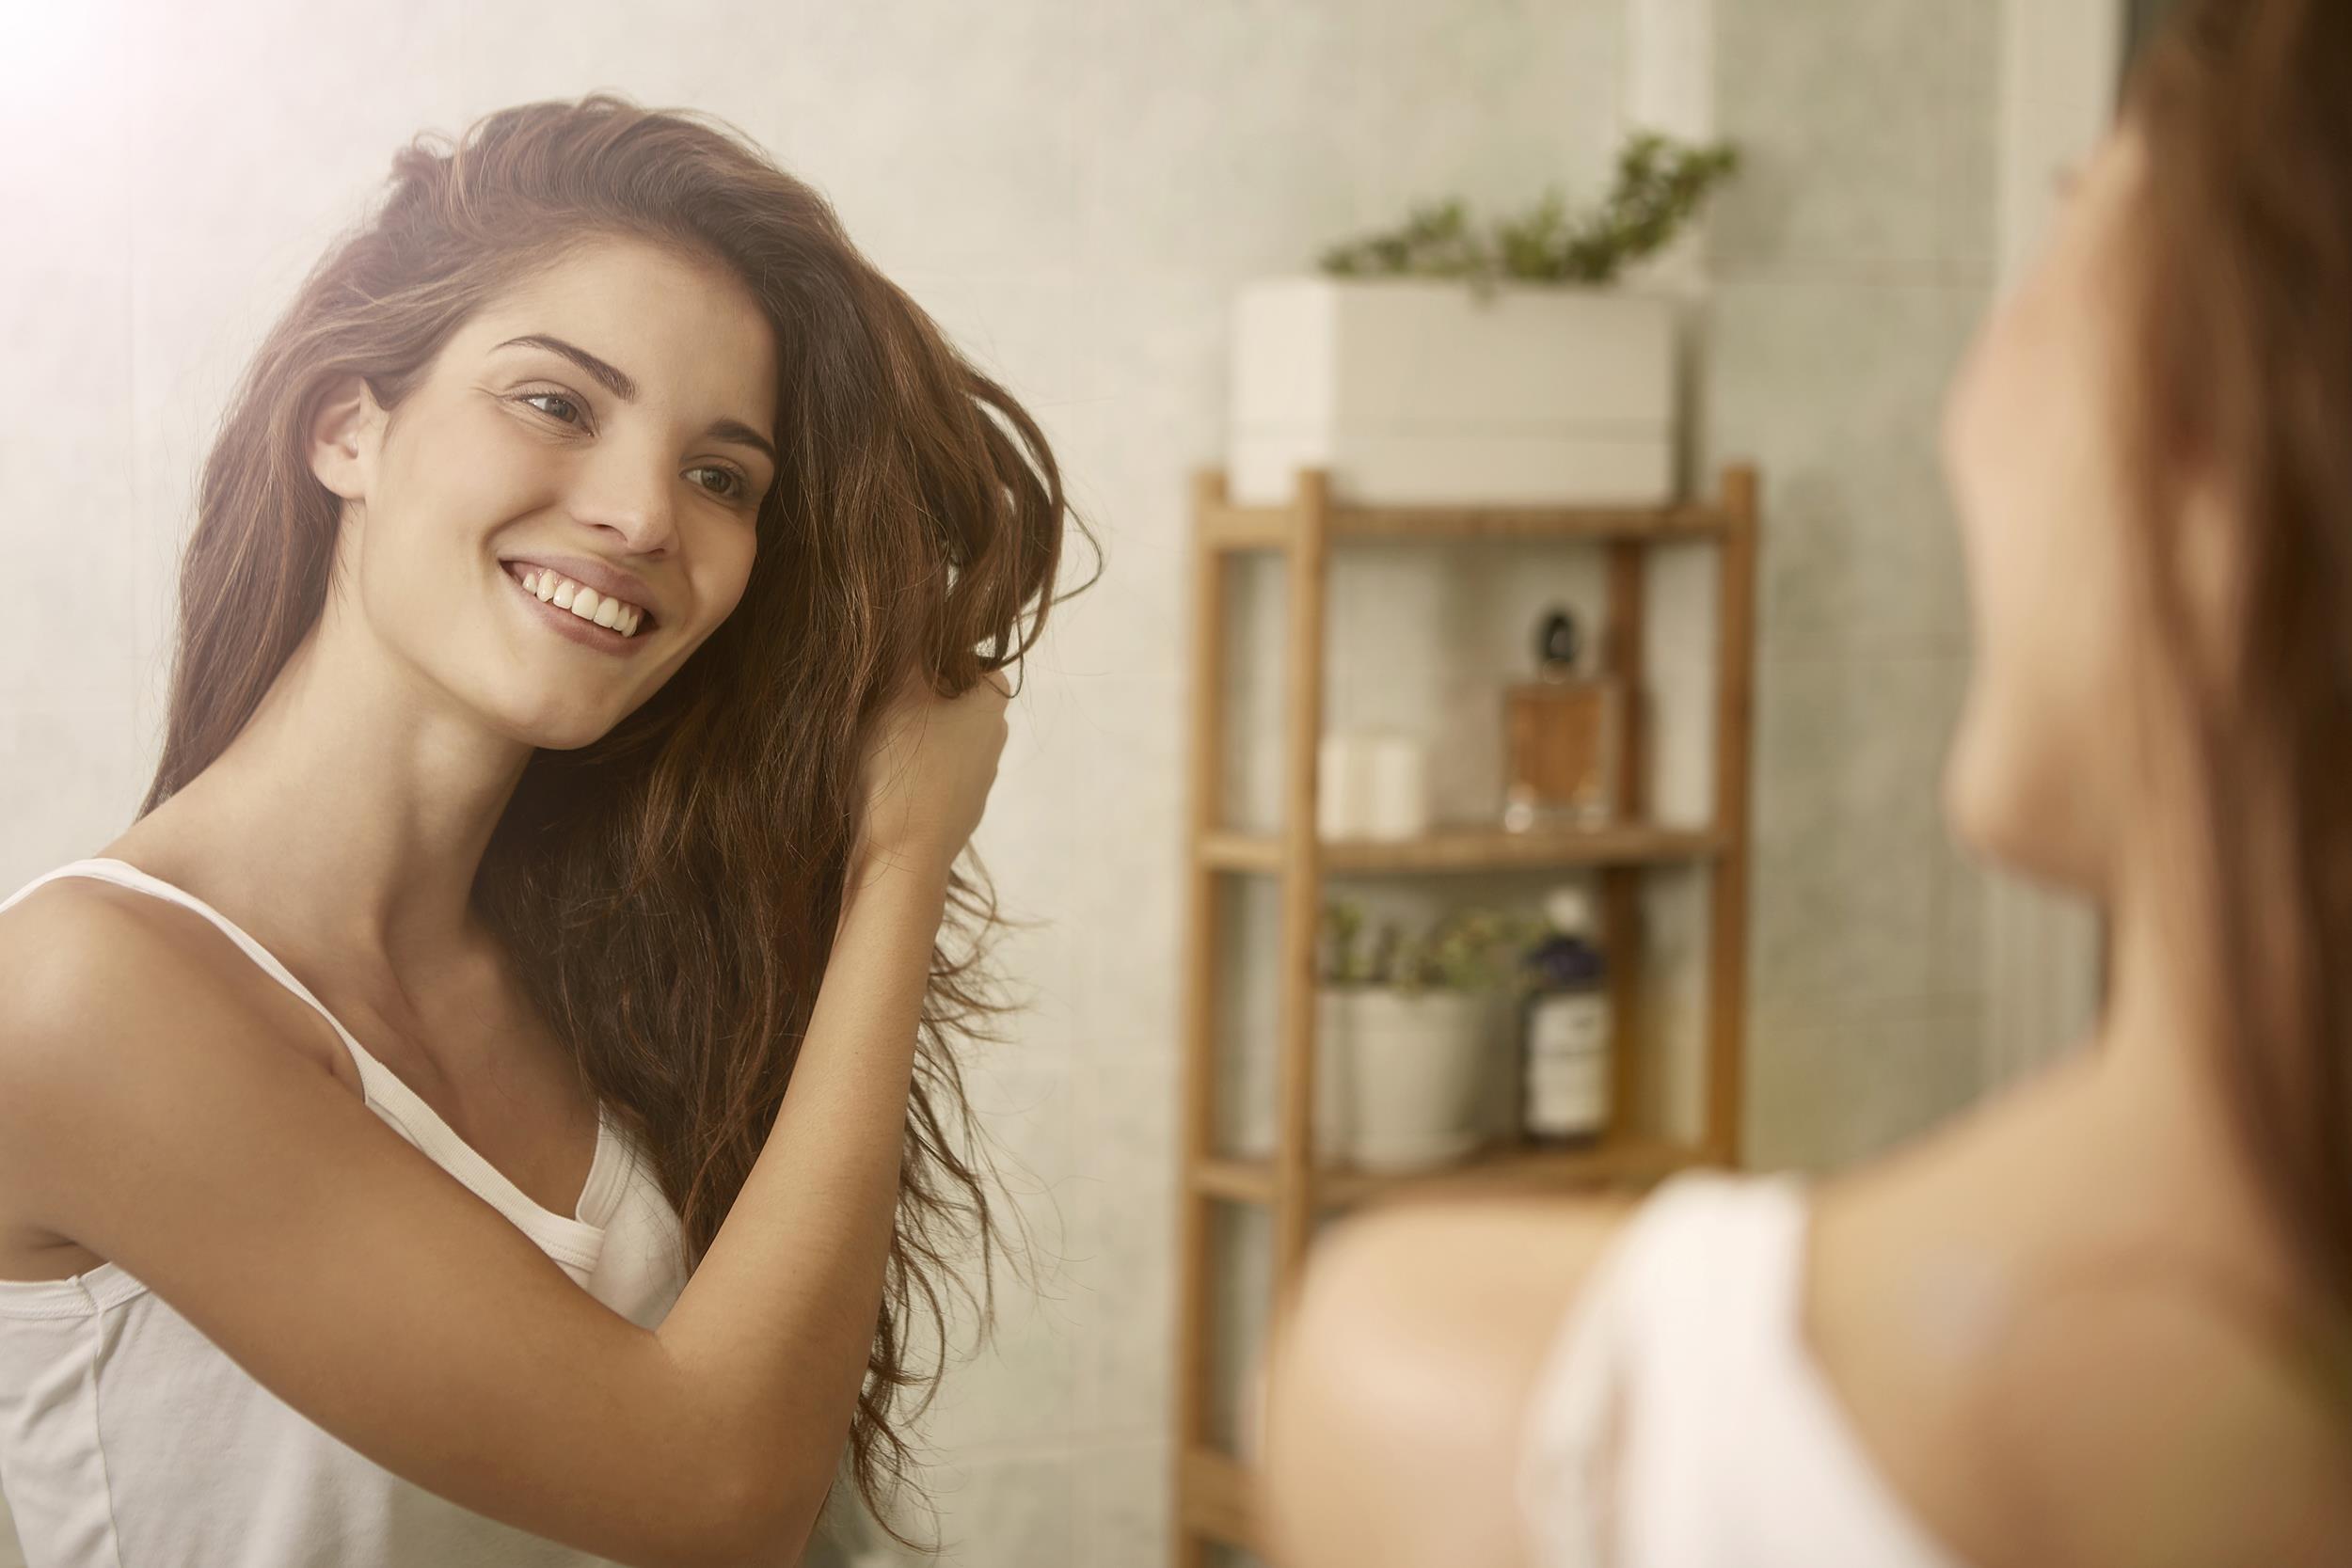 Sposoby na przyspieszenie wzrostu włosów